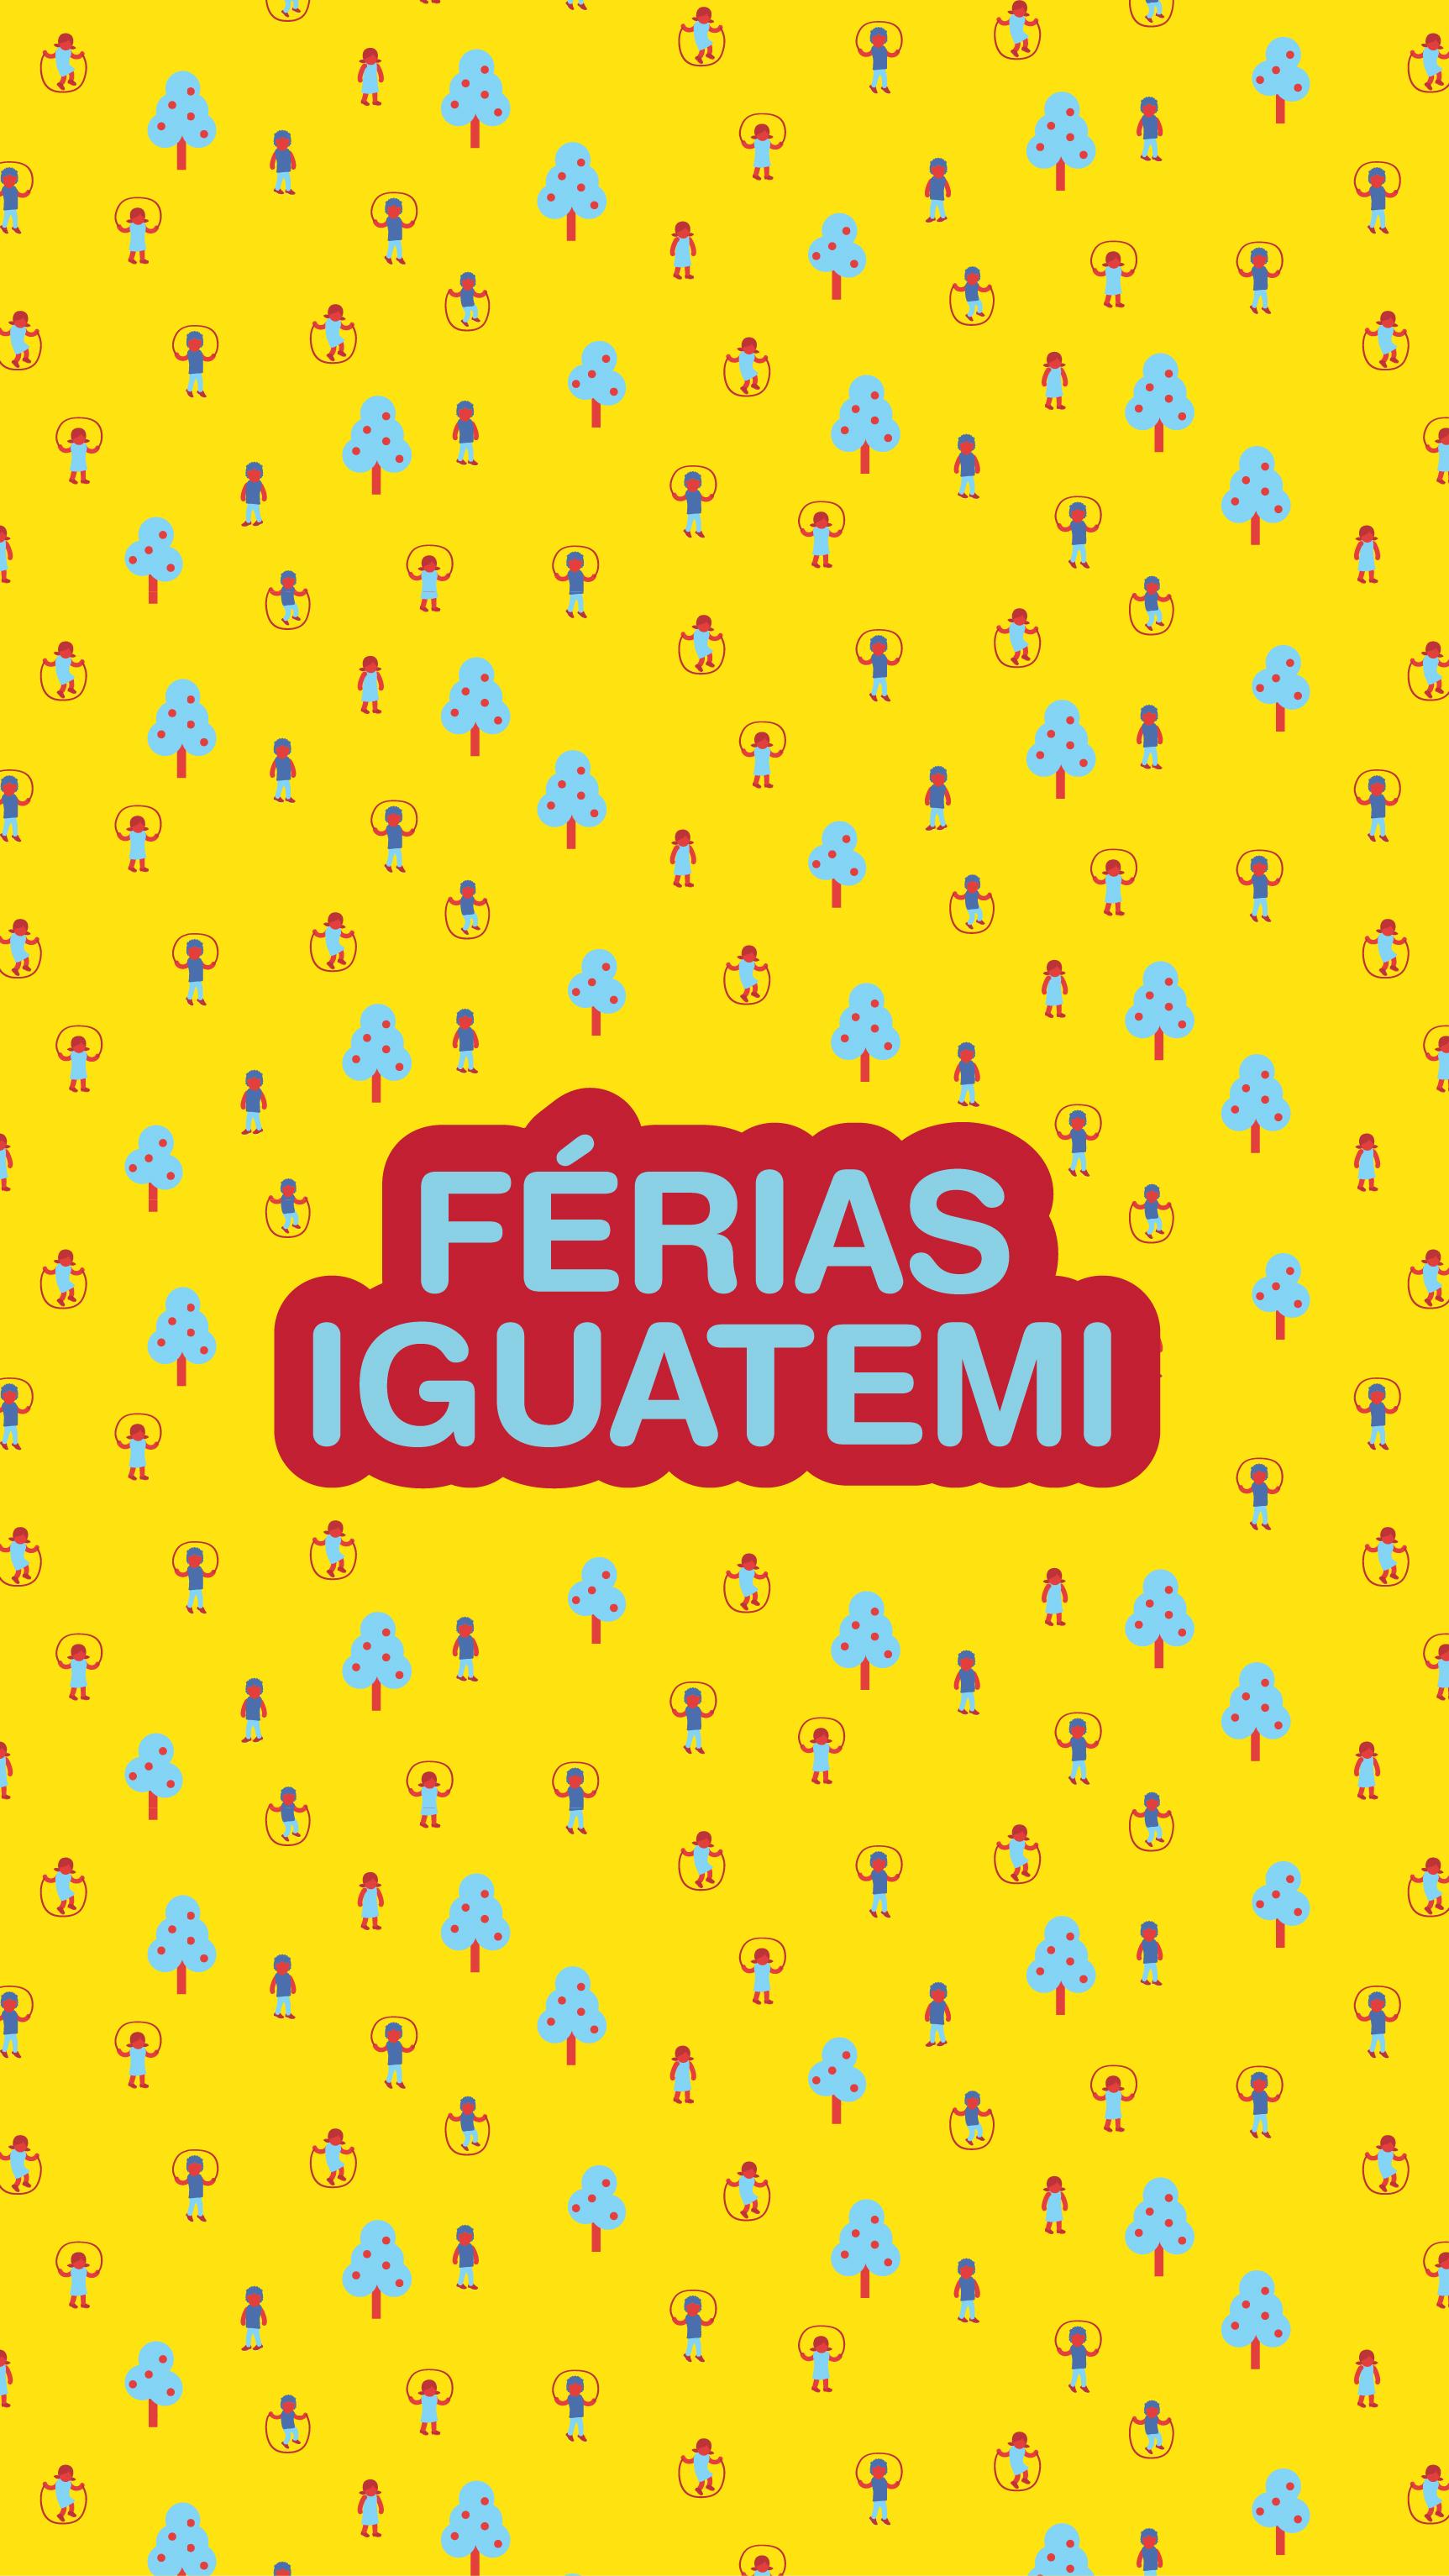 Férias Iguatemi